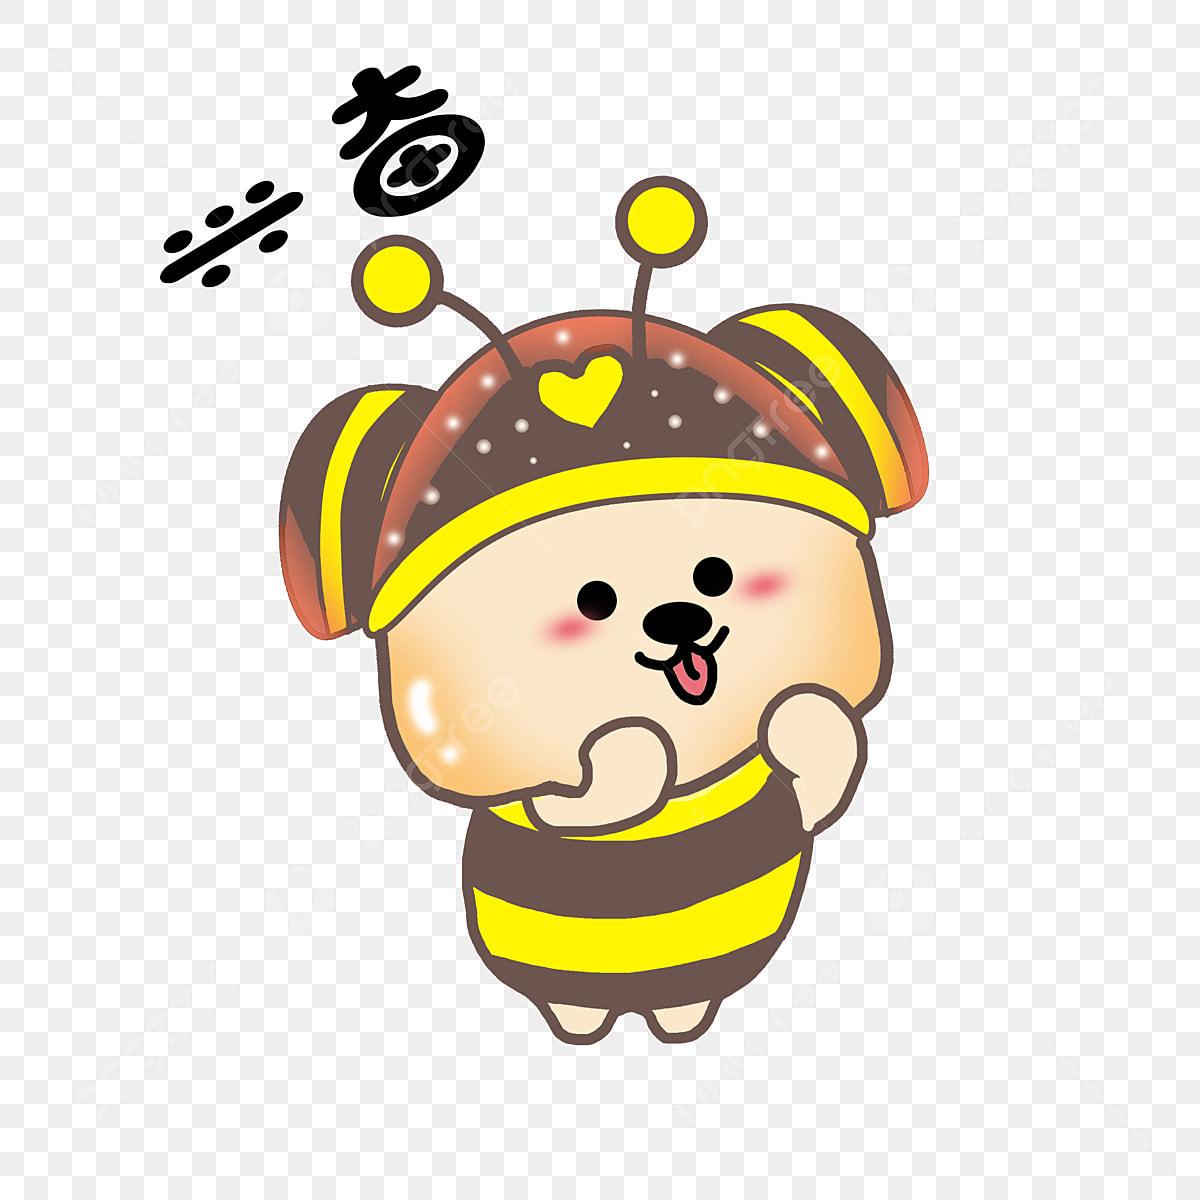 興奮した表現 かわいい蜂の表現 小さな蜂の表現 絵文字の図 興奮した表現 絵文字パッケージの図 興奮して小さな蜂のイラスト 画像とpsd素材ファイルの無料ダウンロード Pngtree